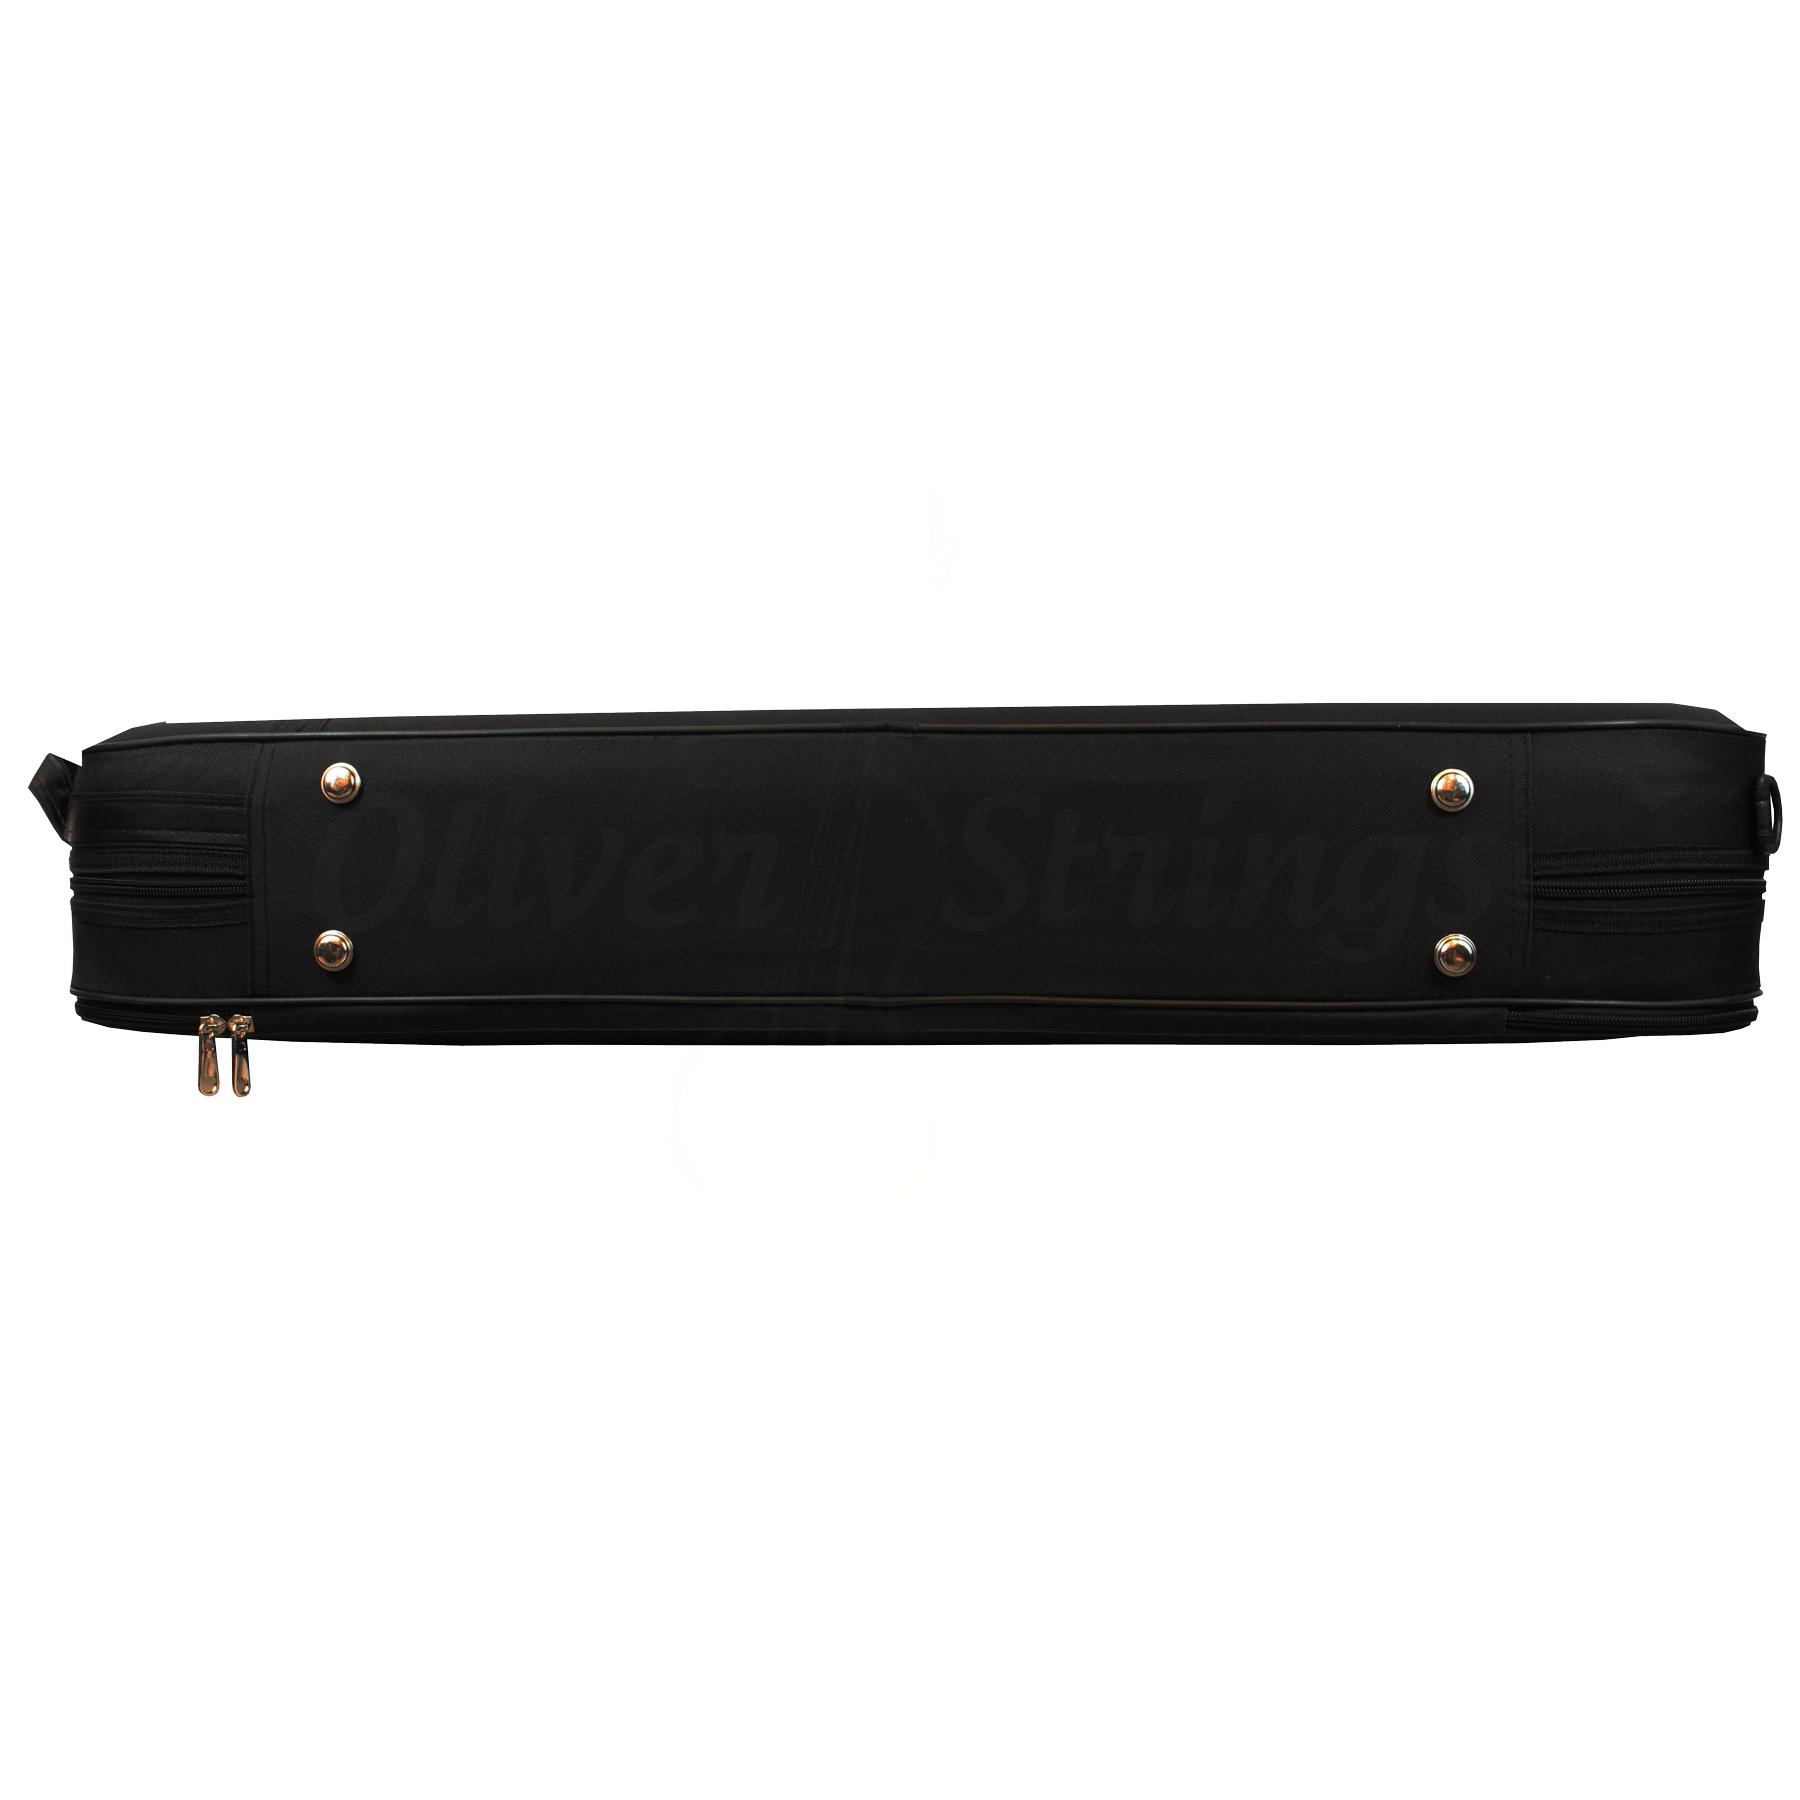 Estojo retangular térmico luxo para viola na cor preta (exterior) e bege (interior)